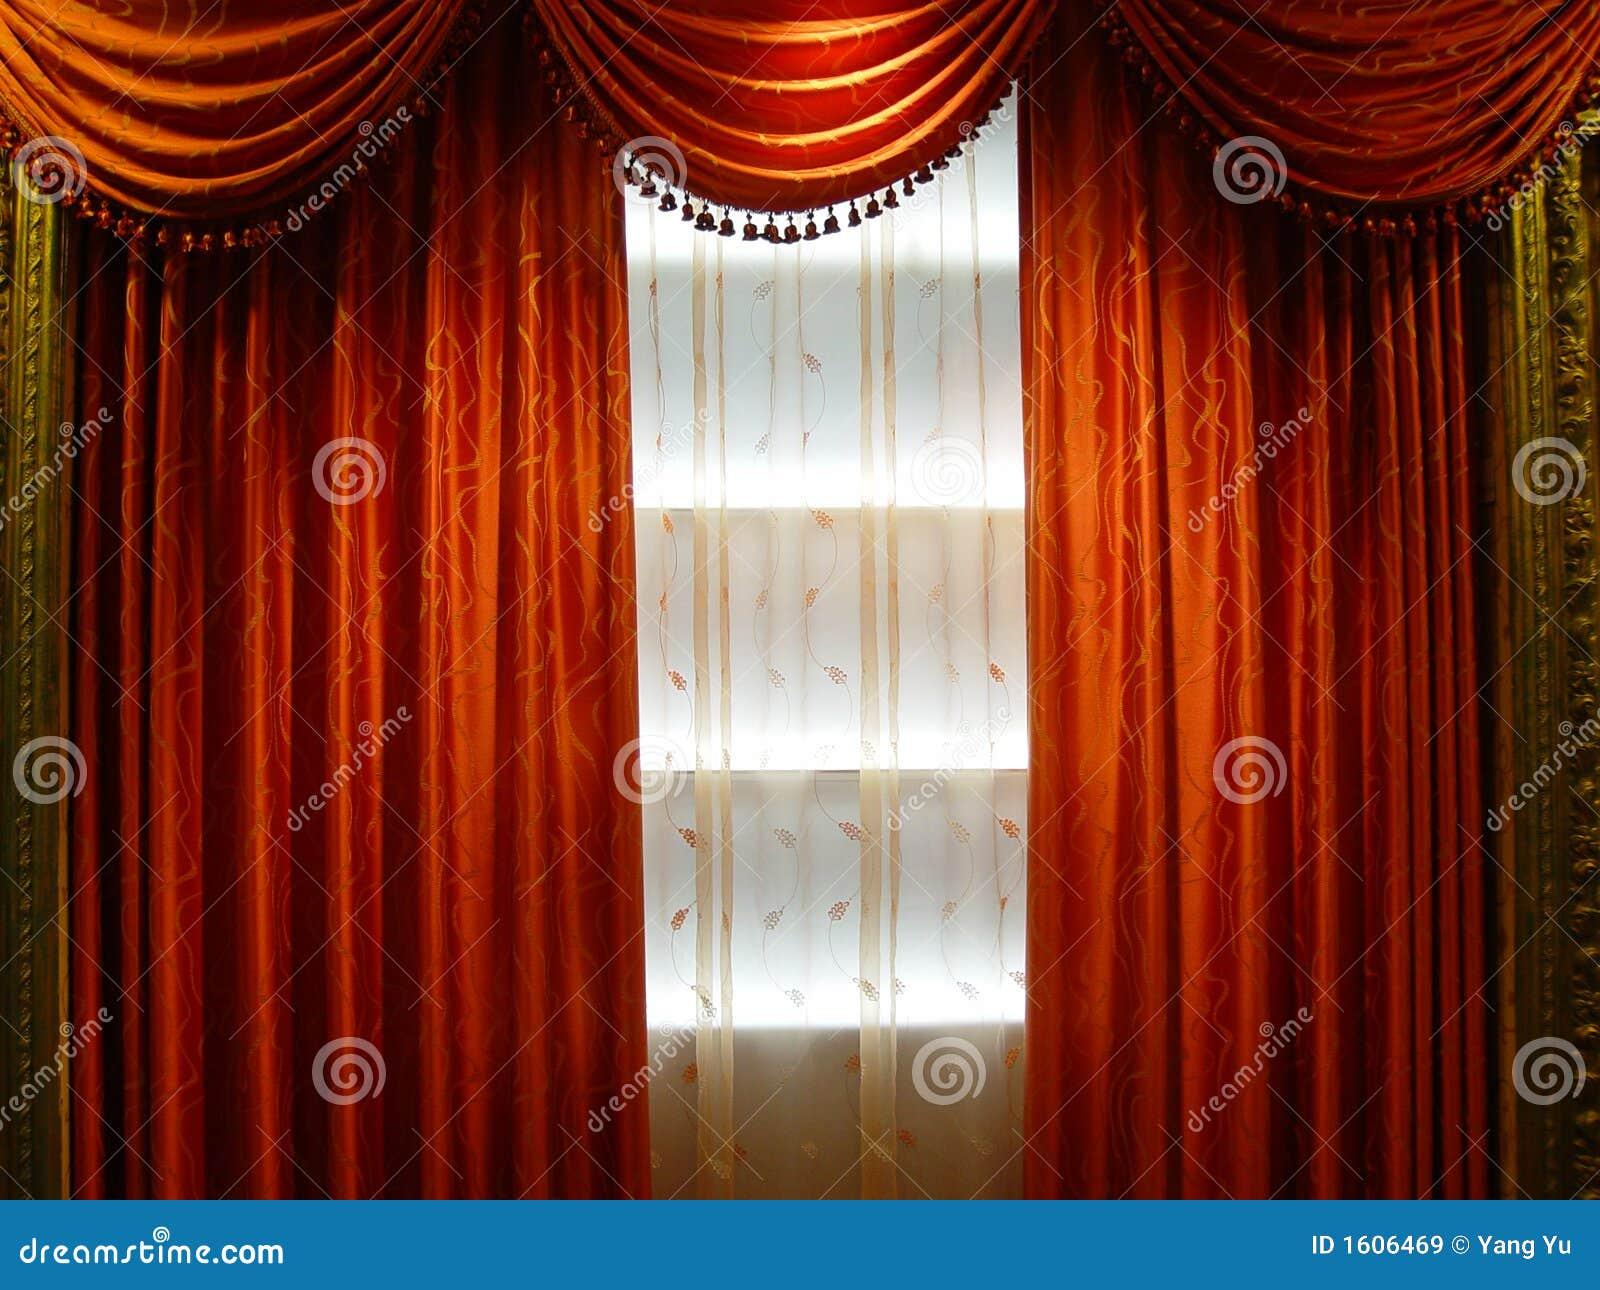 rideau de luxe images libres de droits image 1606469